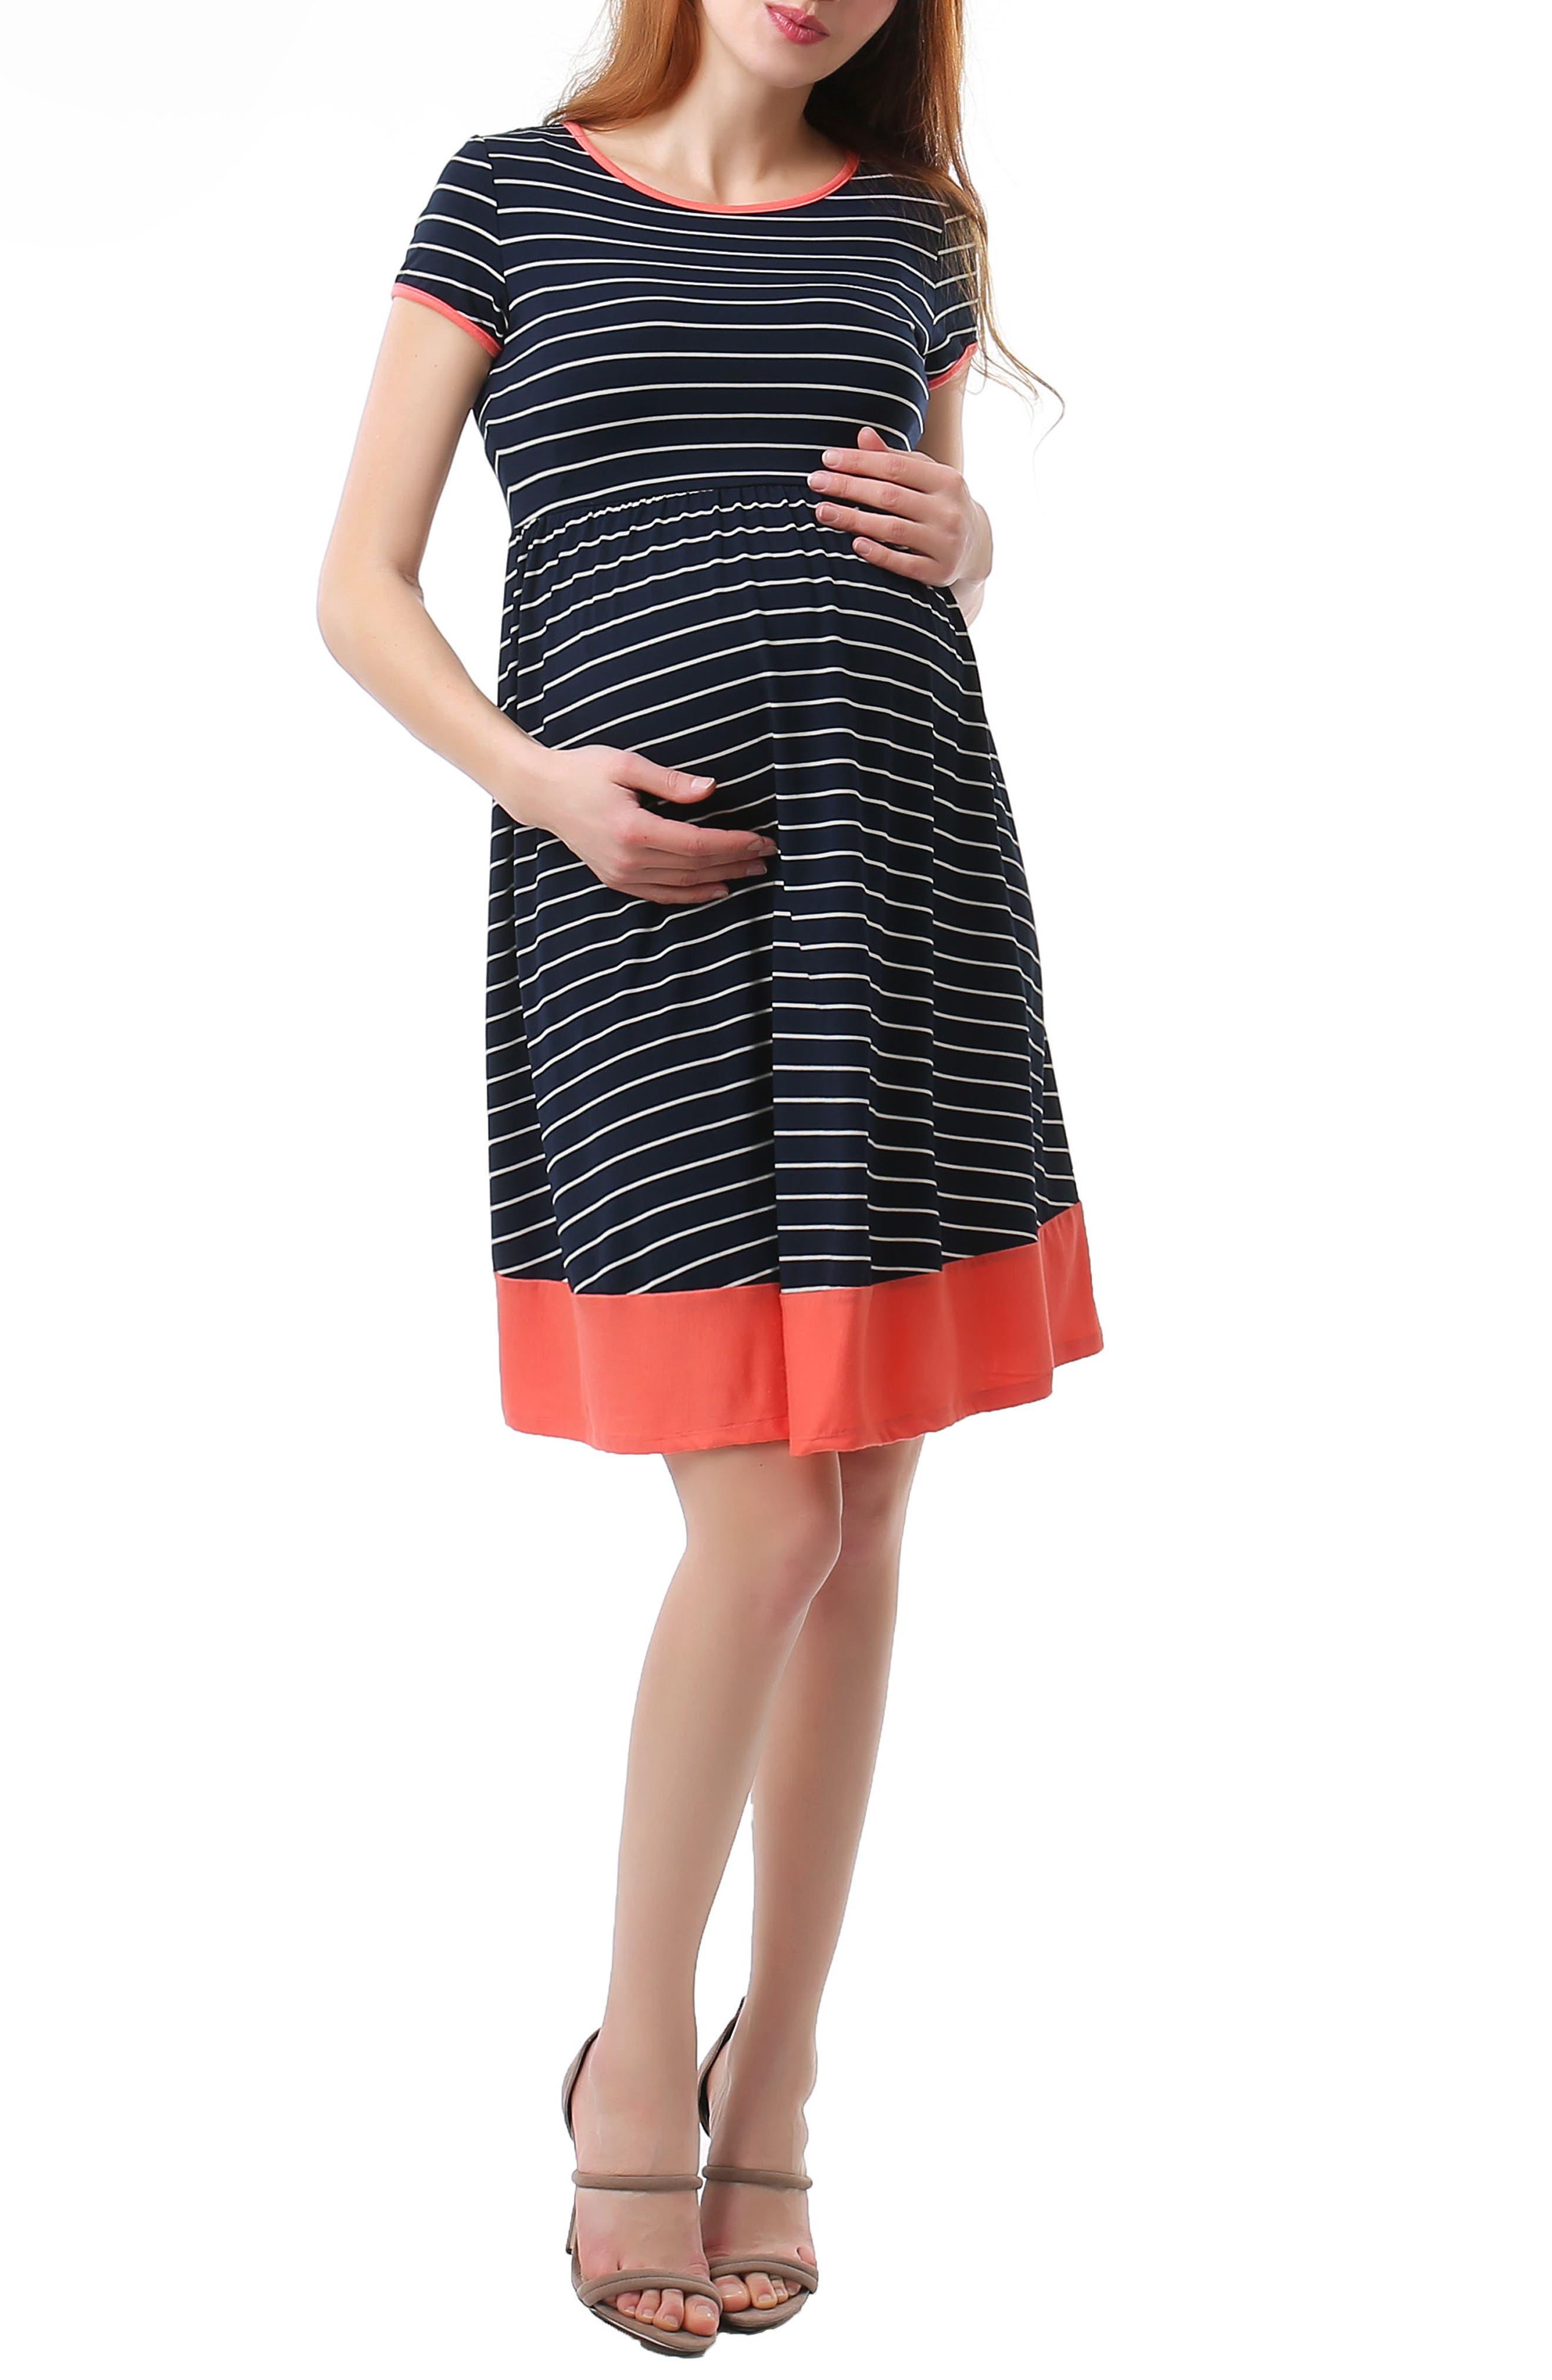 Kira Stripe Maternity Skater Dress,                             Main thumbnail 1, color,